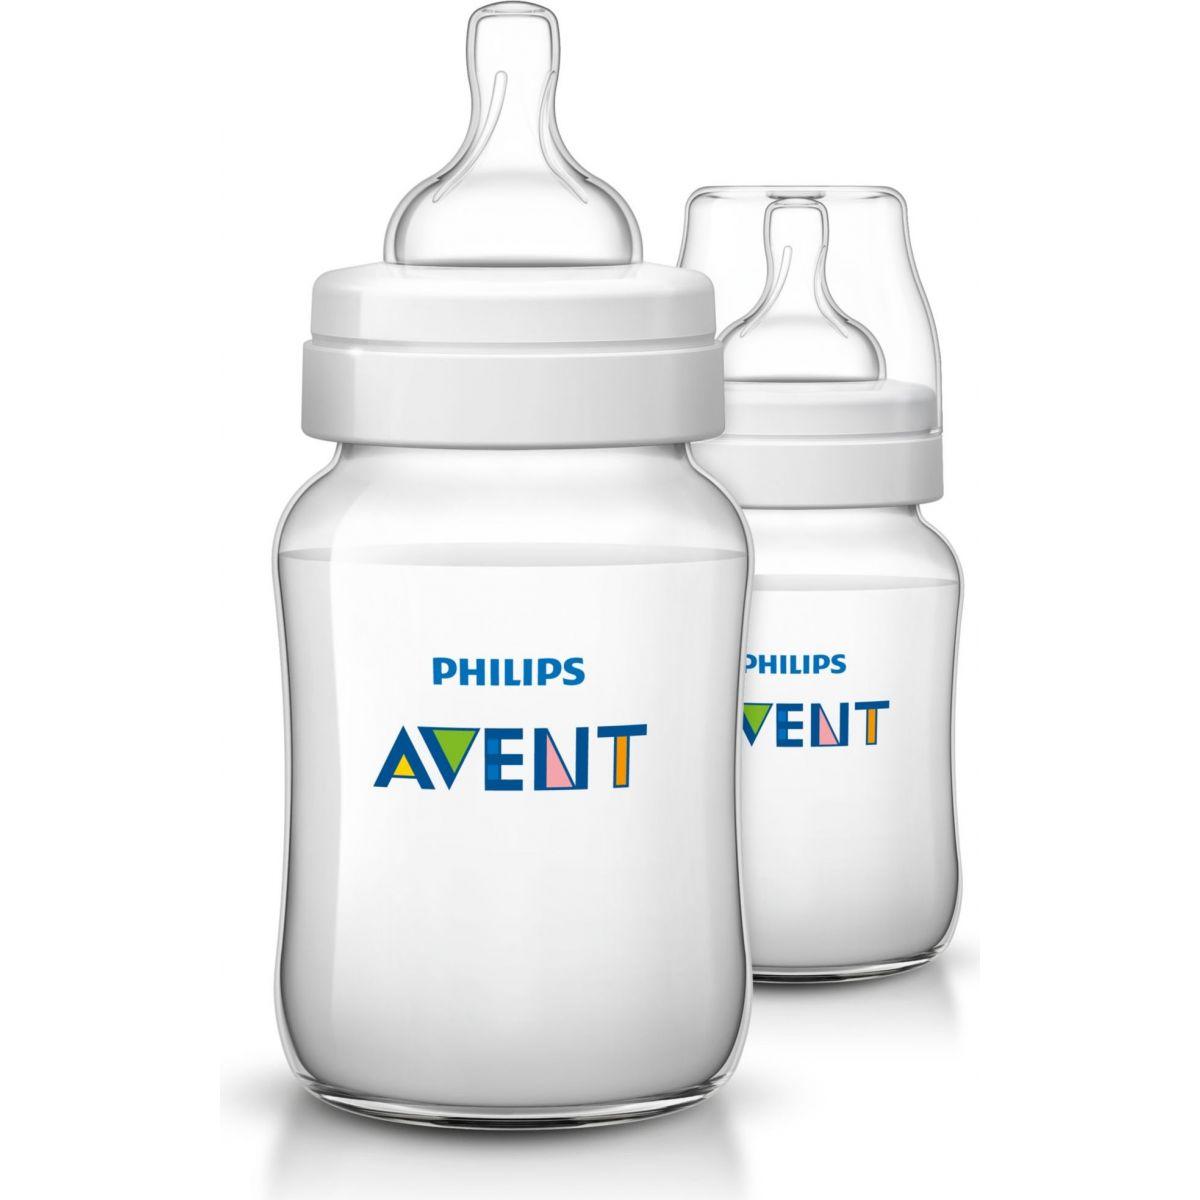 Philips Avent Avent fľaša 260ml PP Klasik+ 2ks